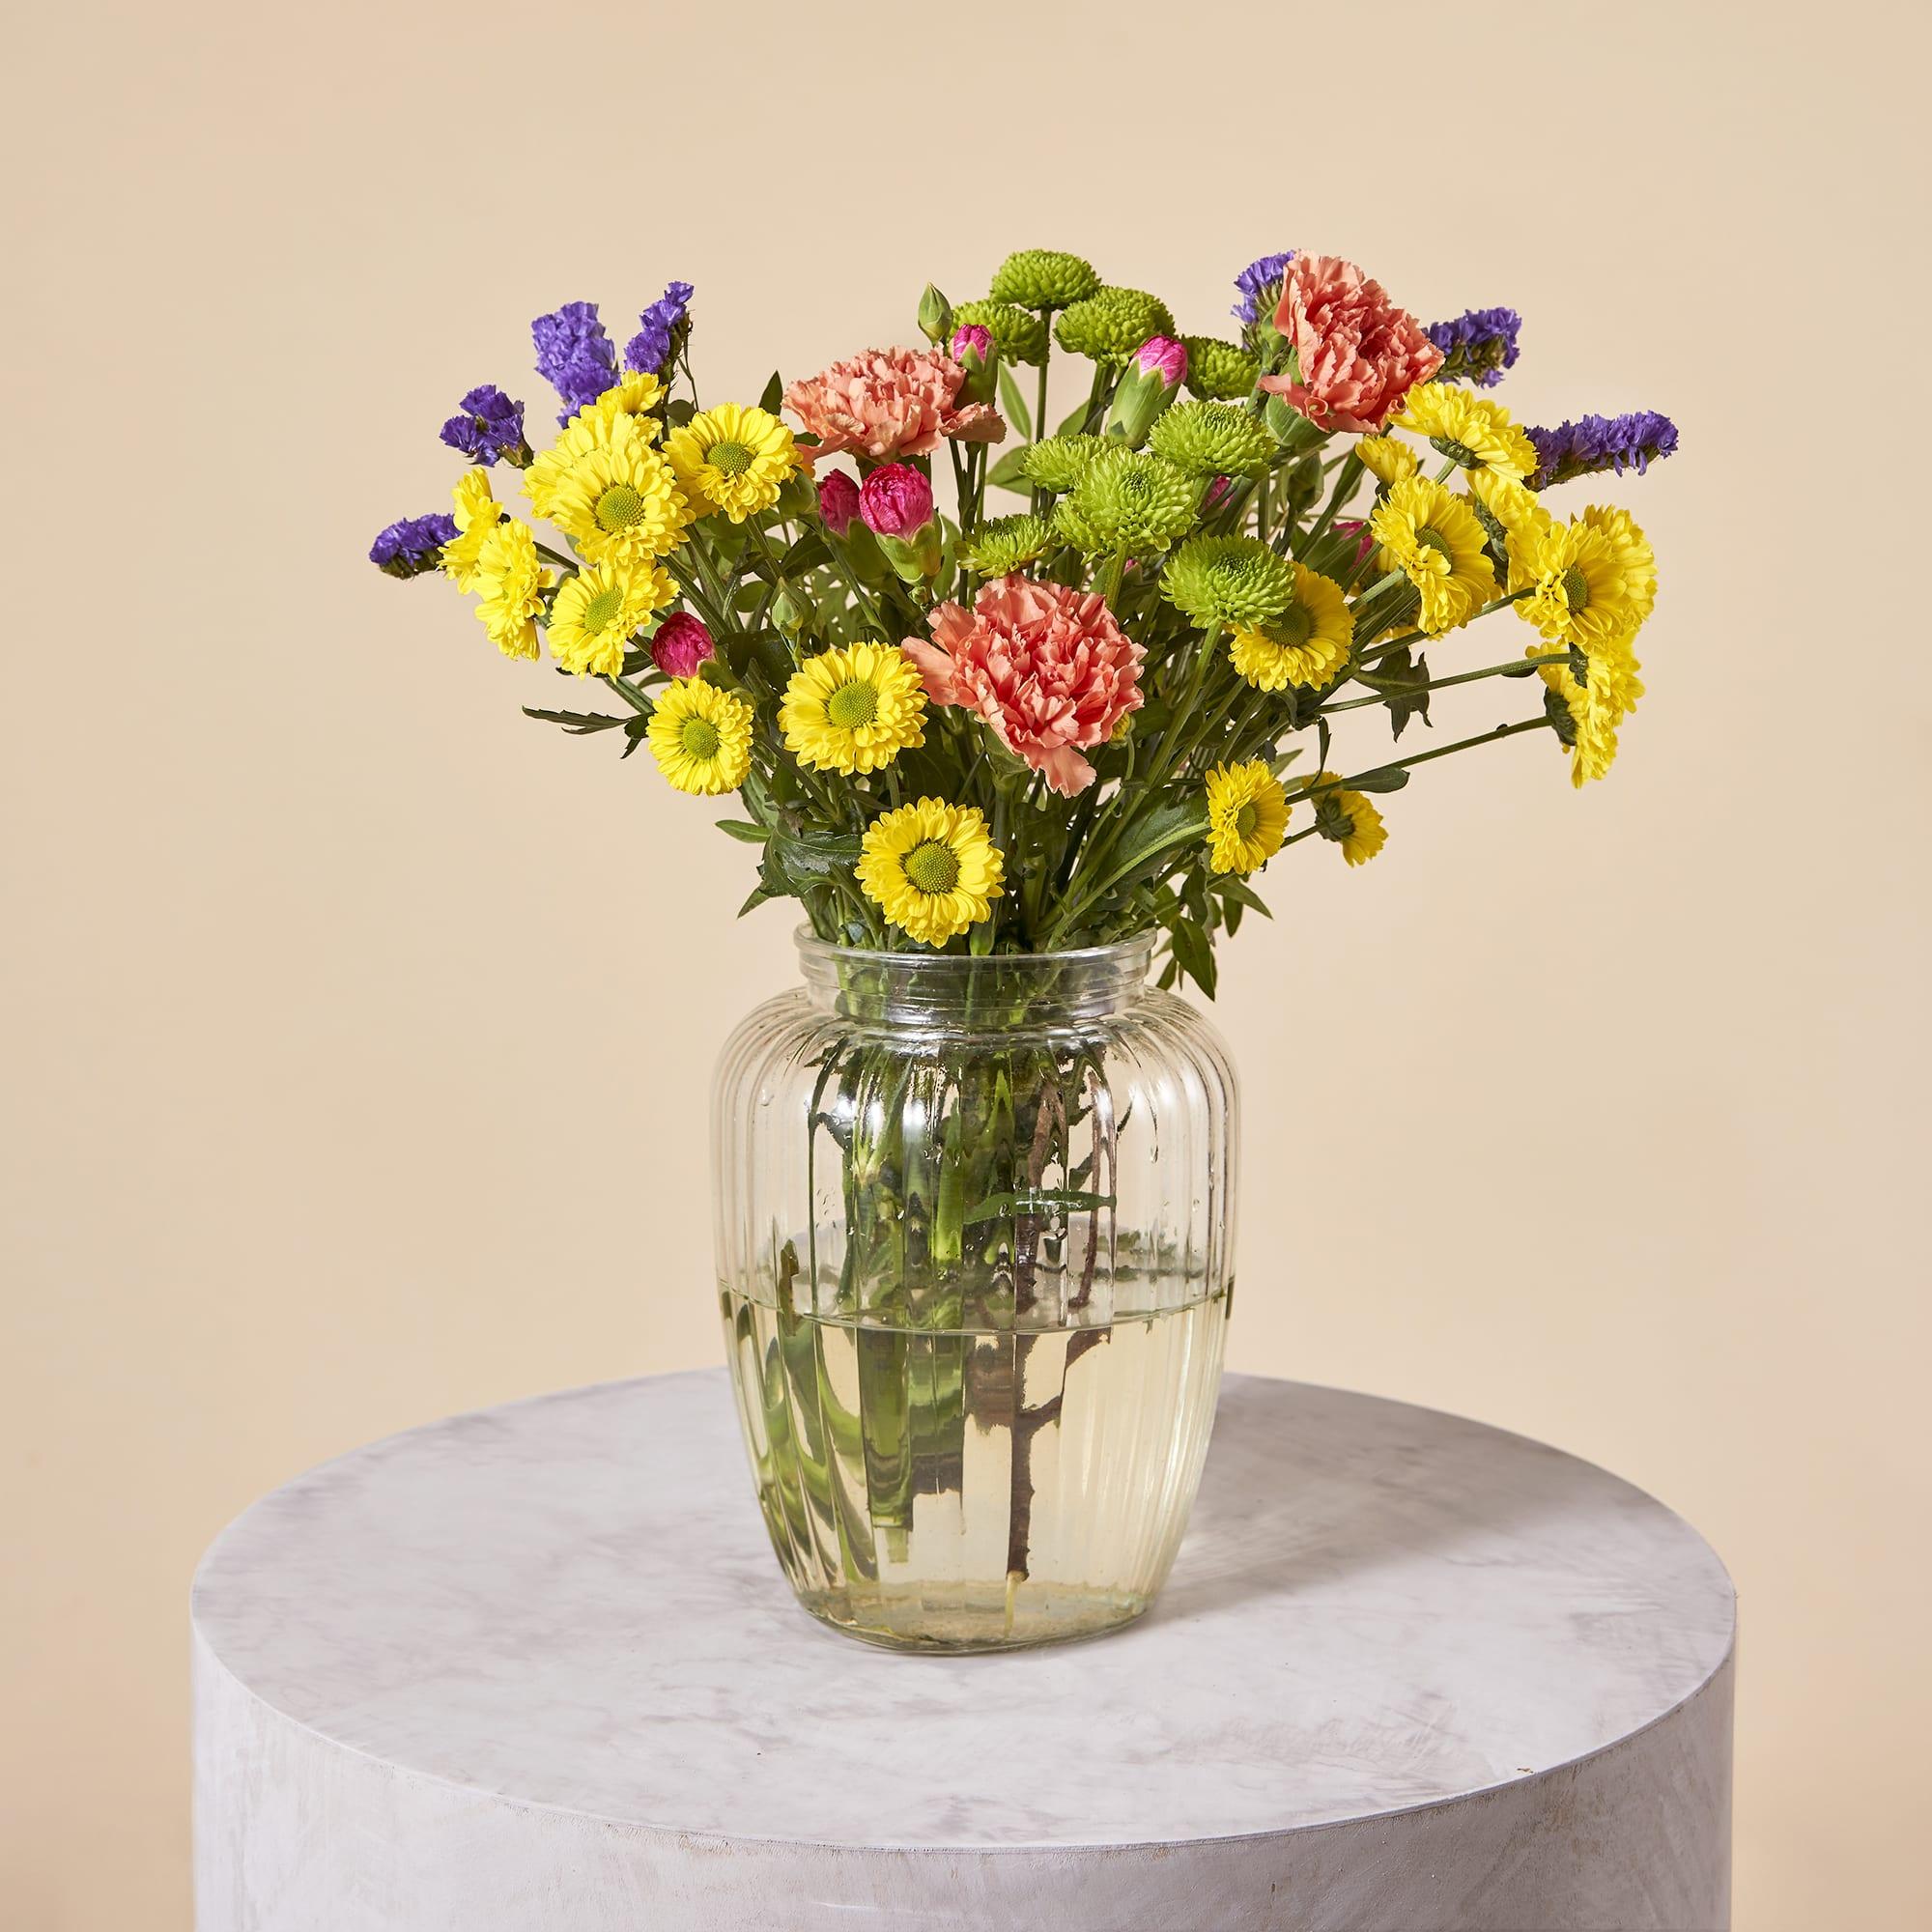 Vibrant Sorbet Bouquet